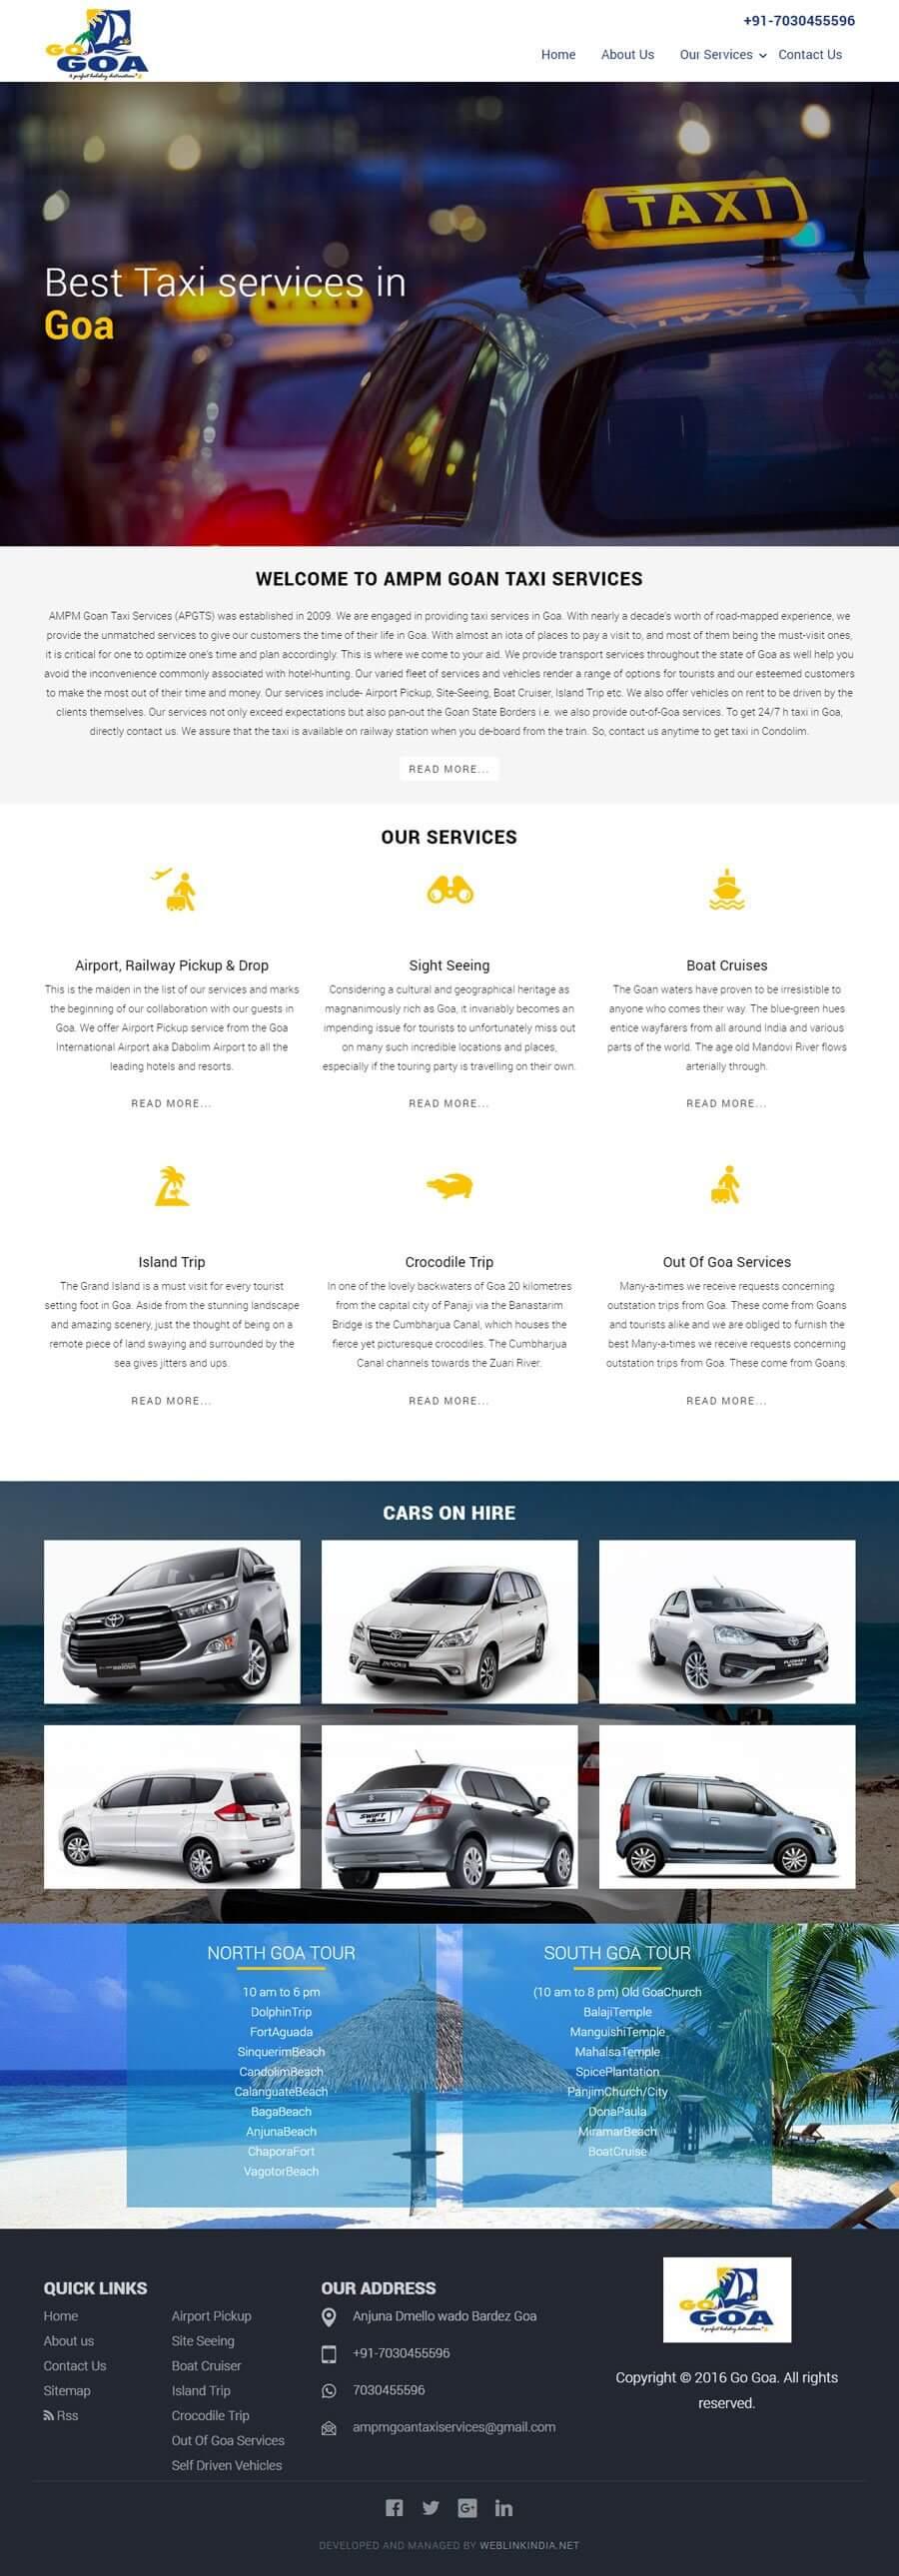 GOAN TAXI SERVICES India Web Design